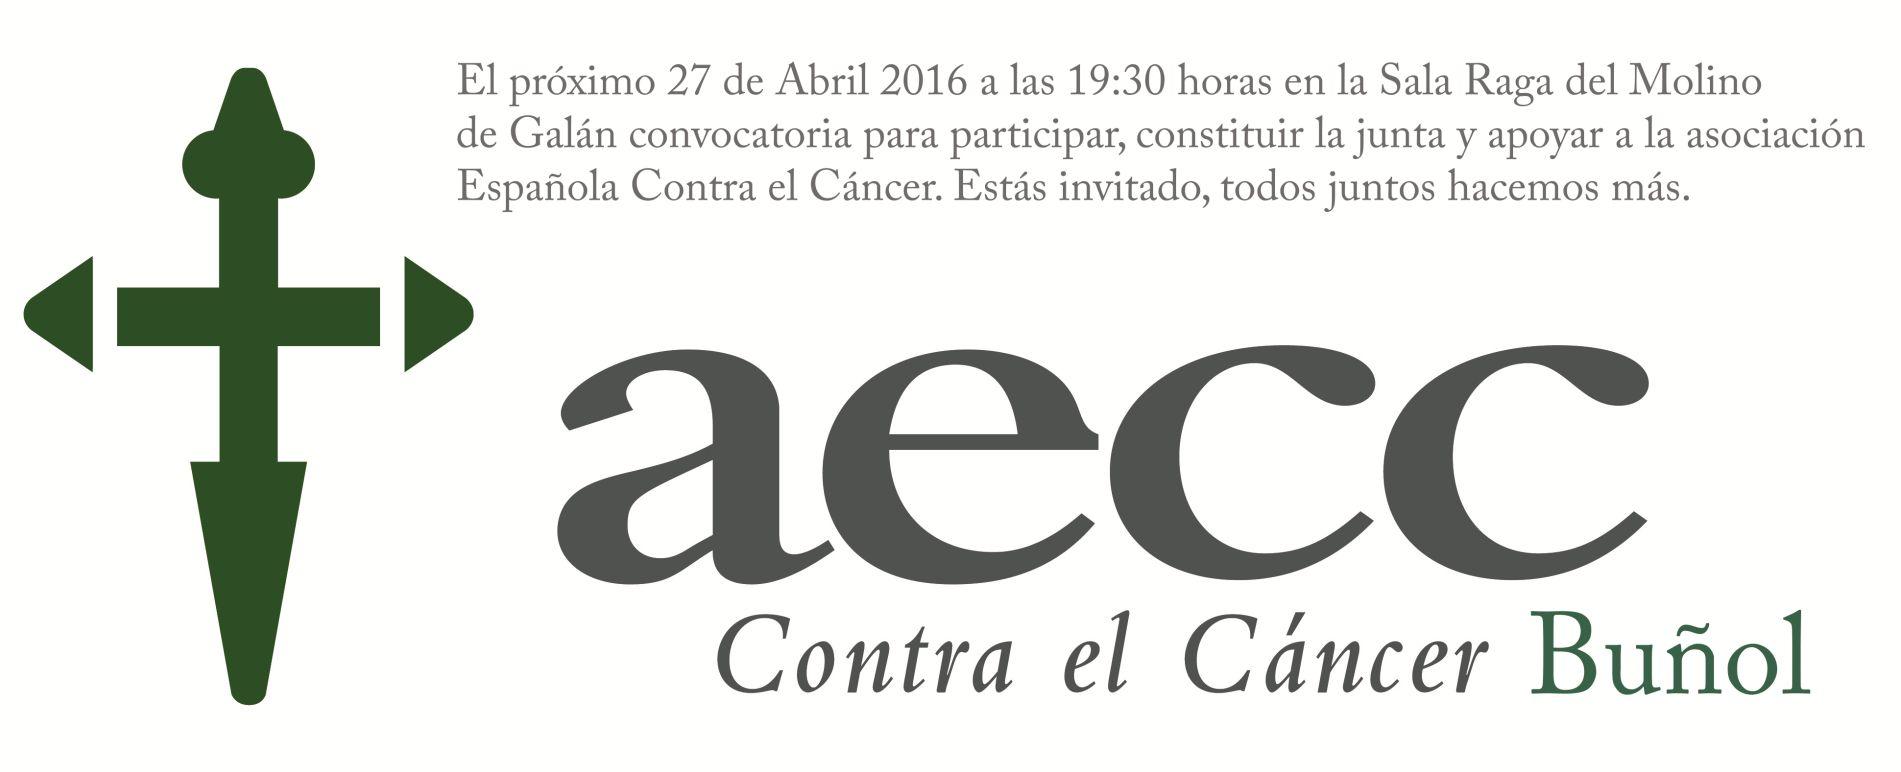 Logotipo de la delegación en Buñol de la Asociación española contra el cáncer.